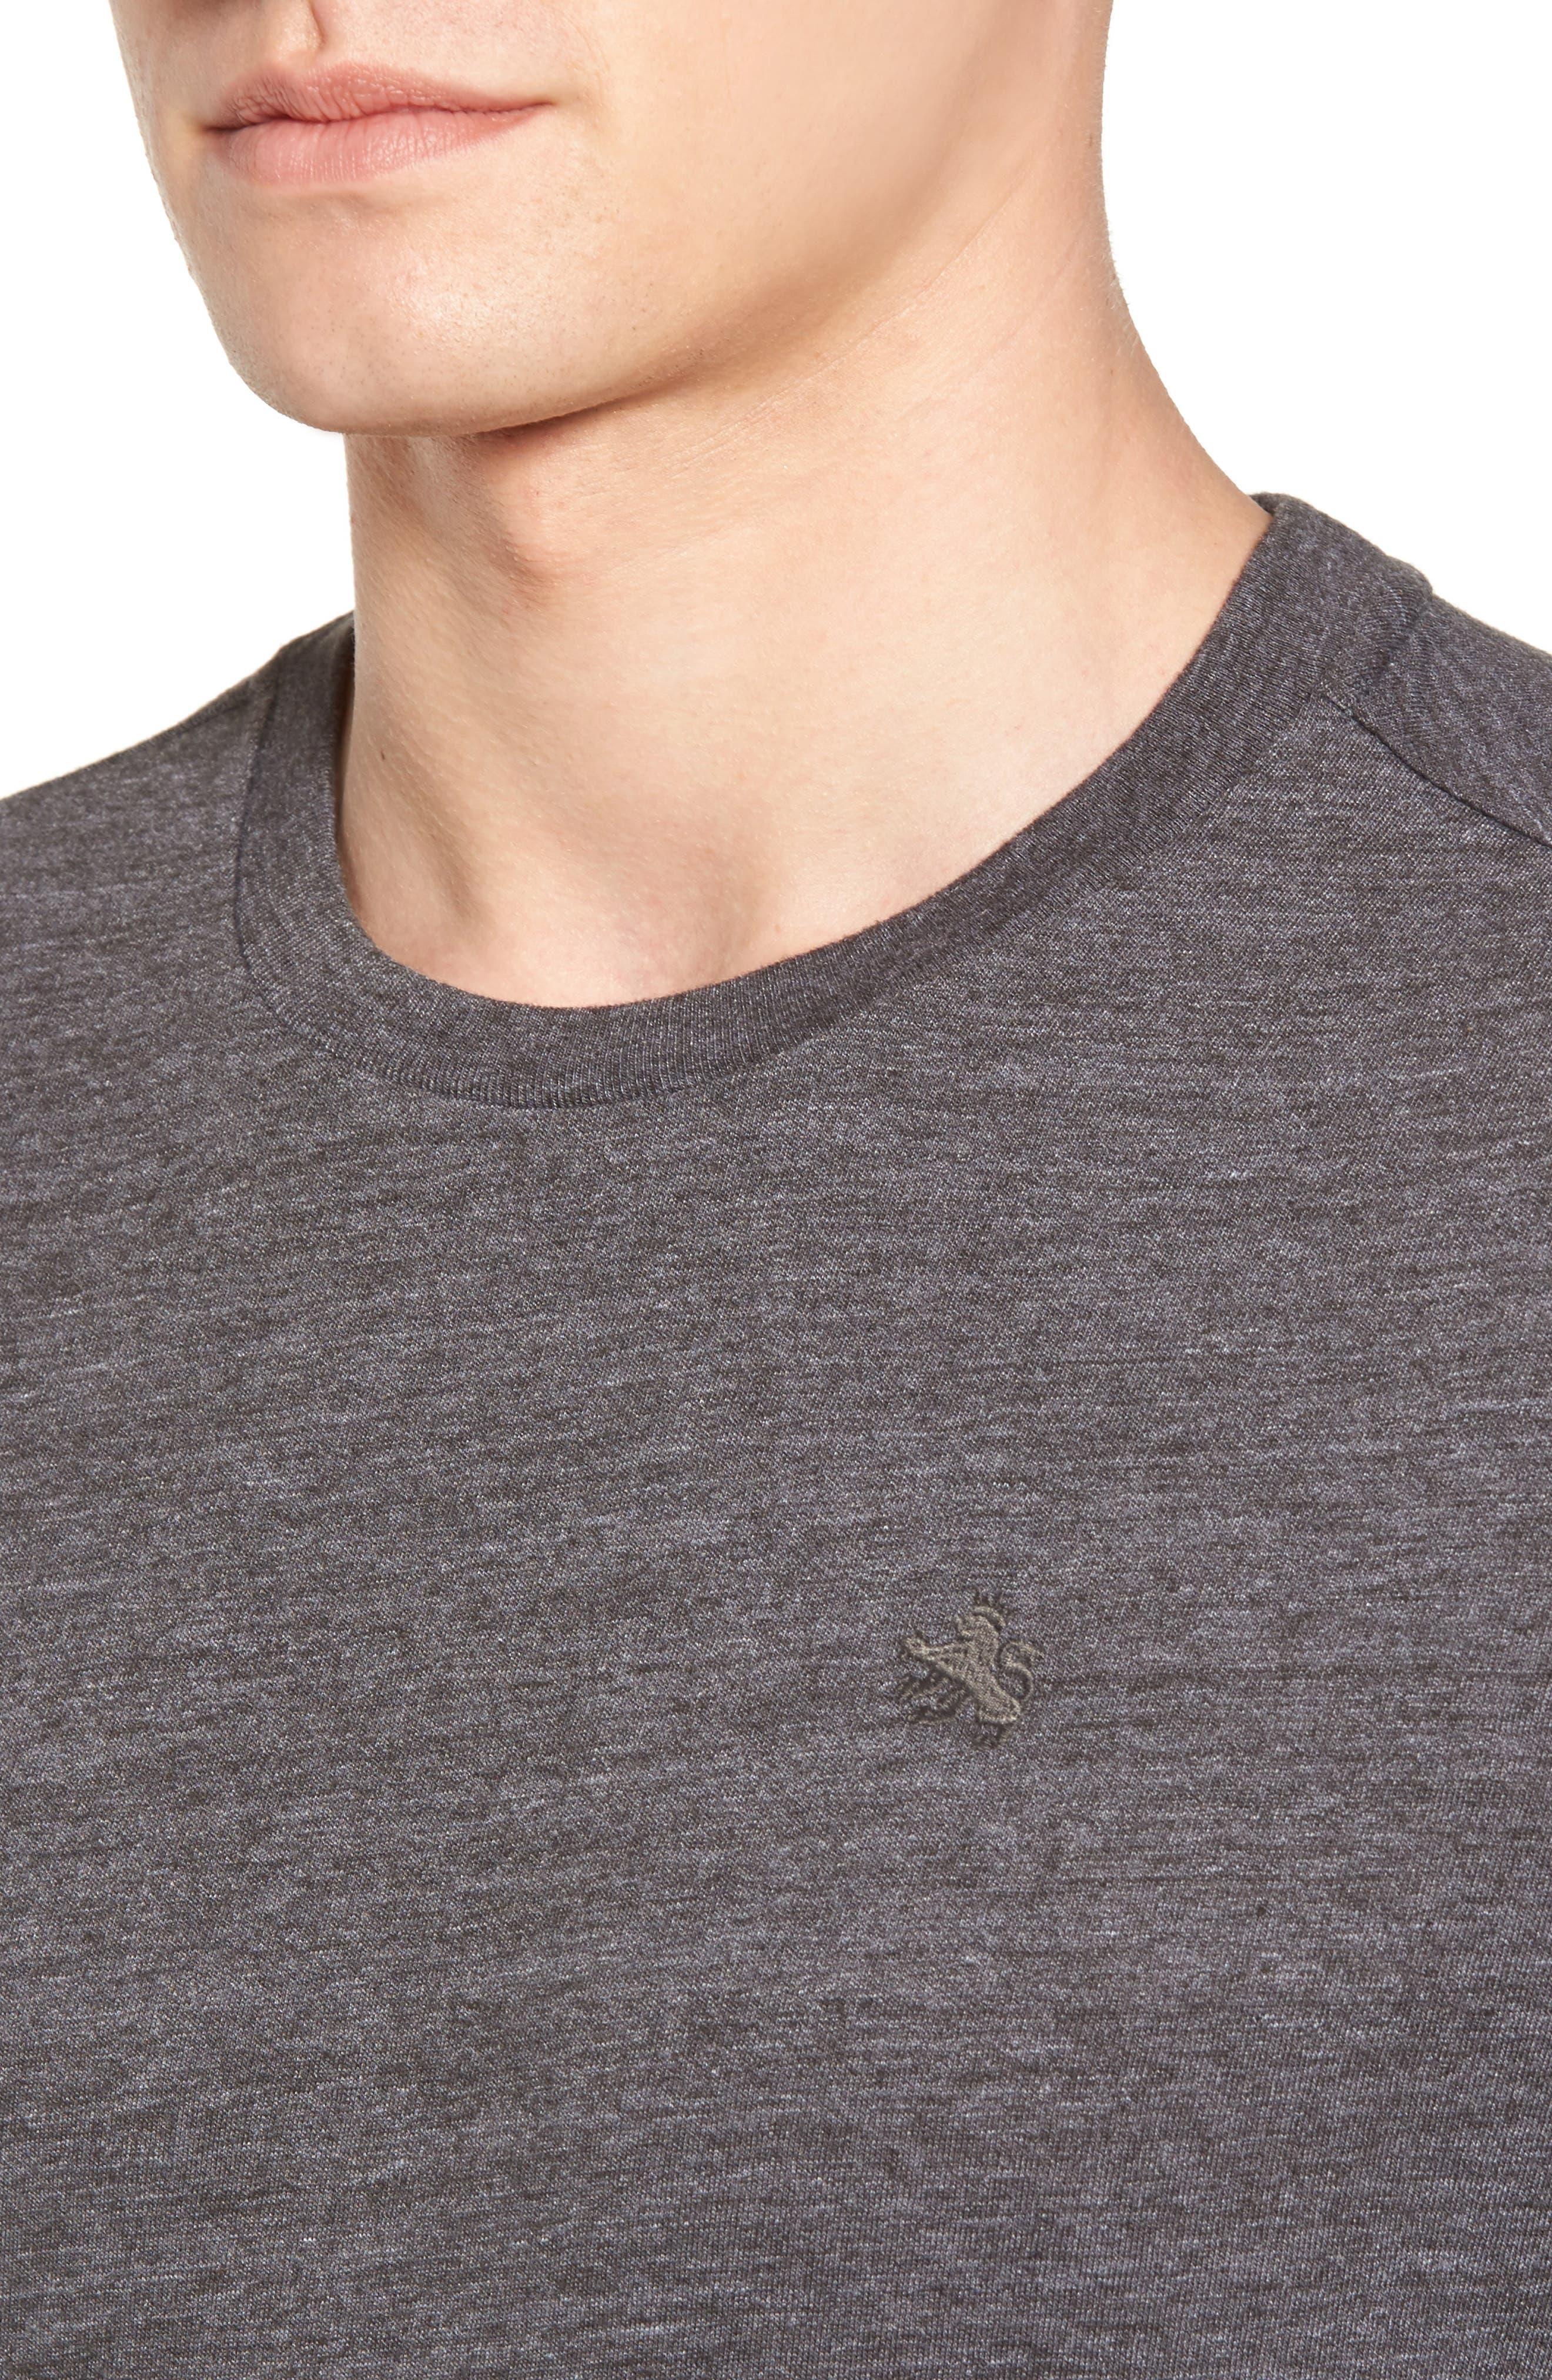 Toucan Dance Graphic T-Shirt,                             Alternate thumbnail 4, color,                             001